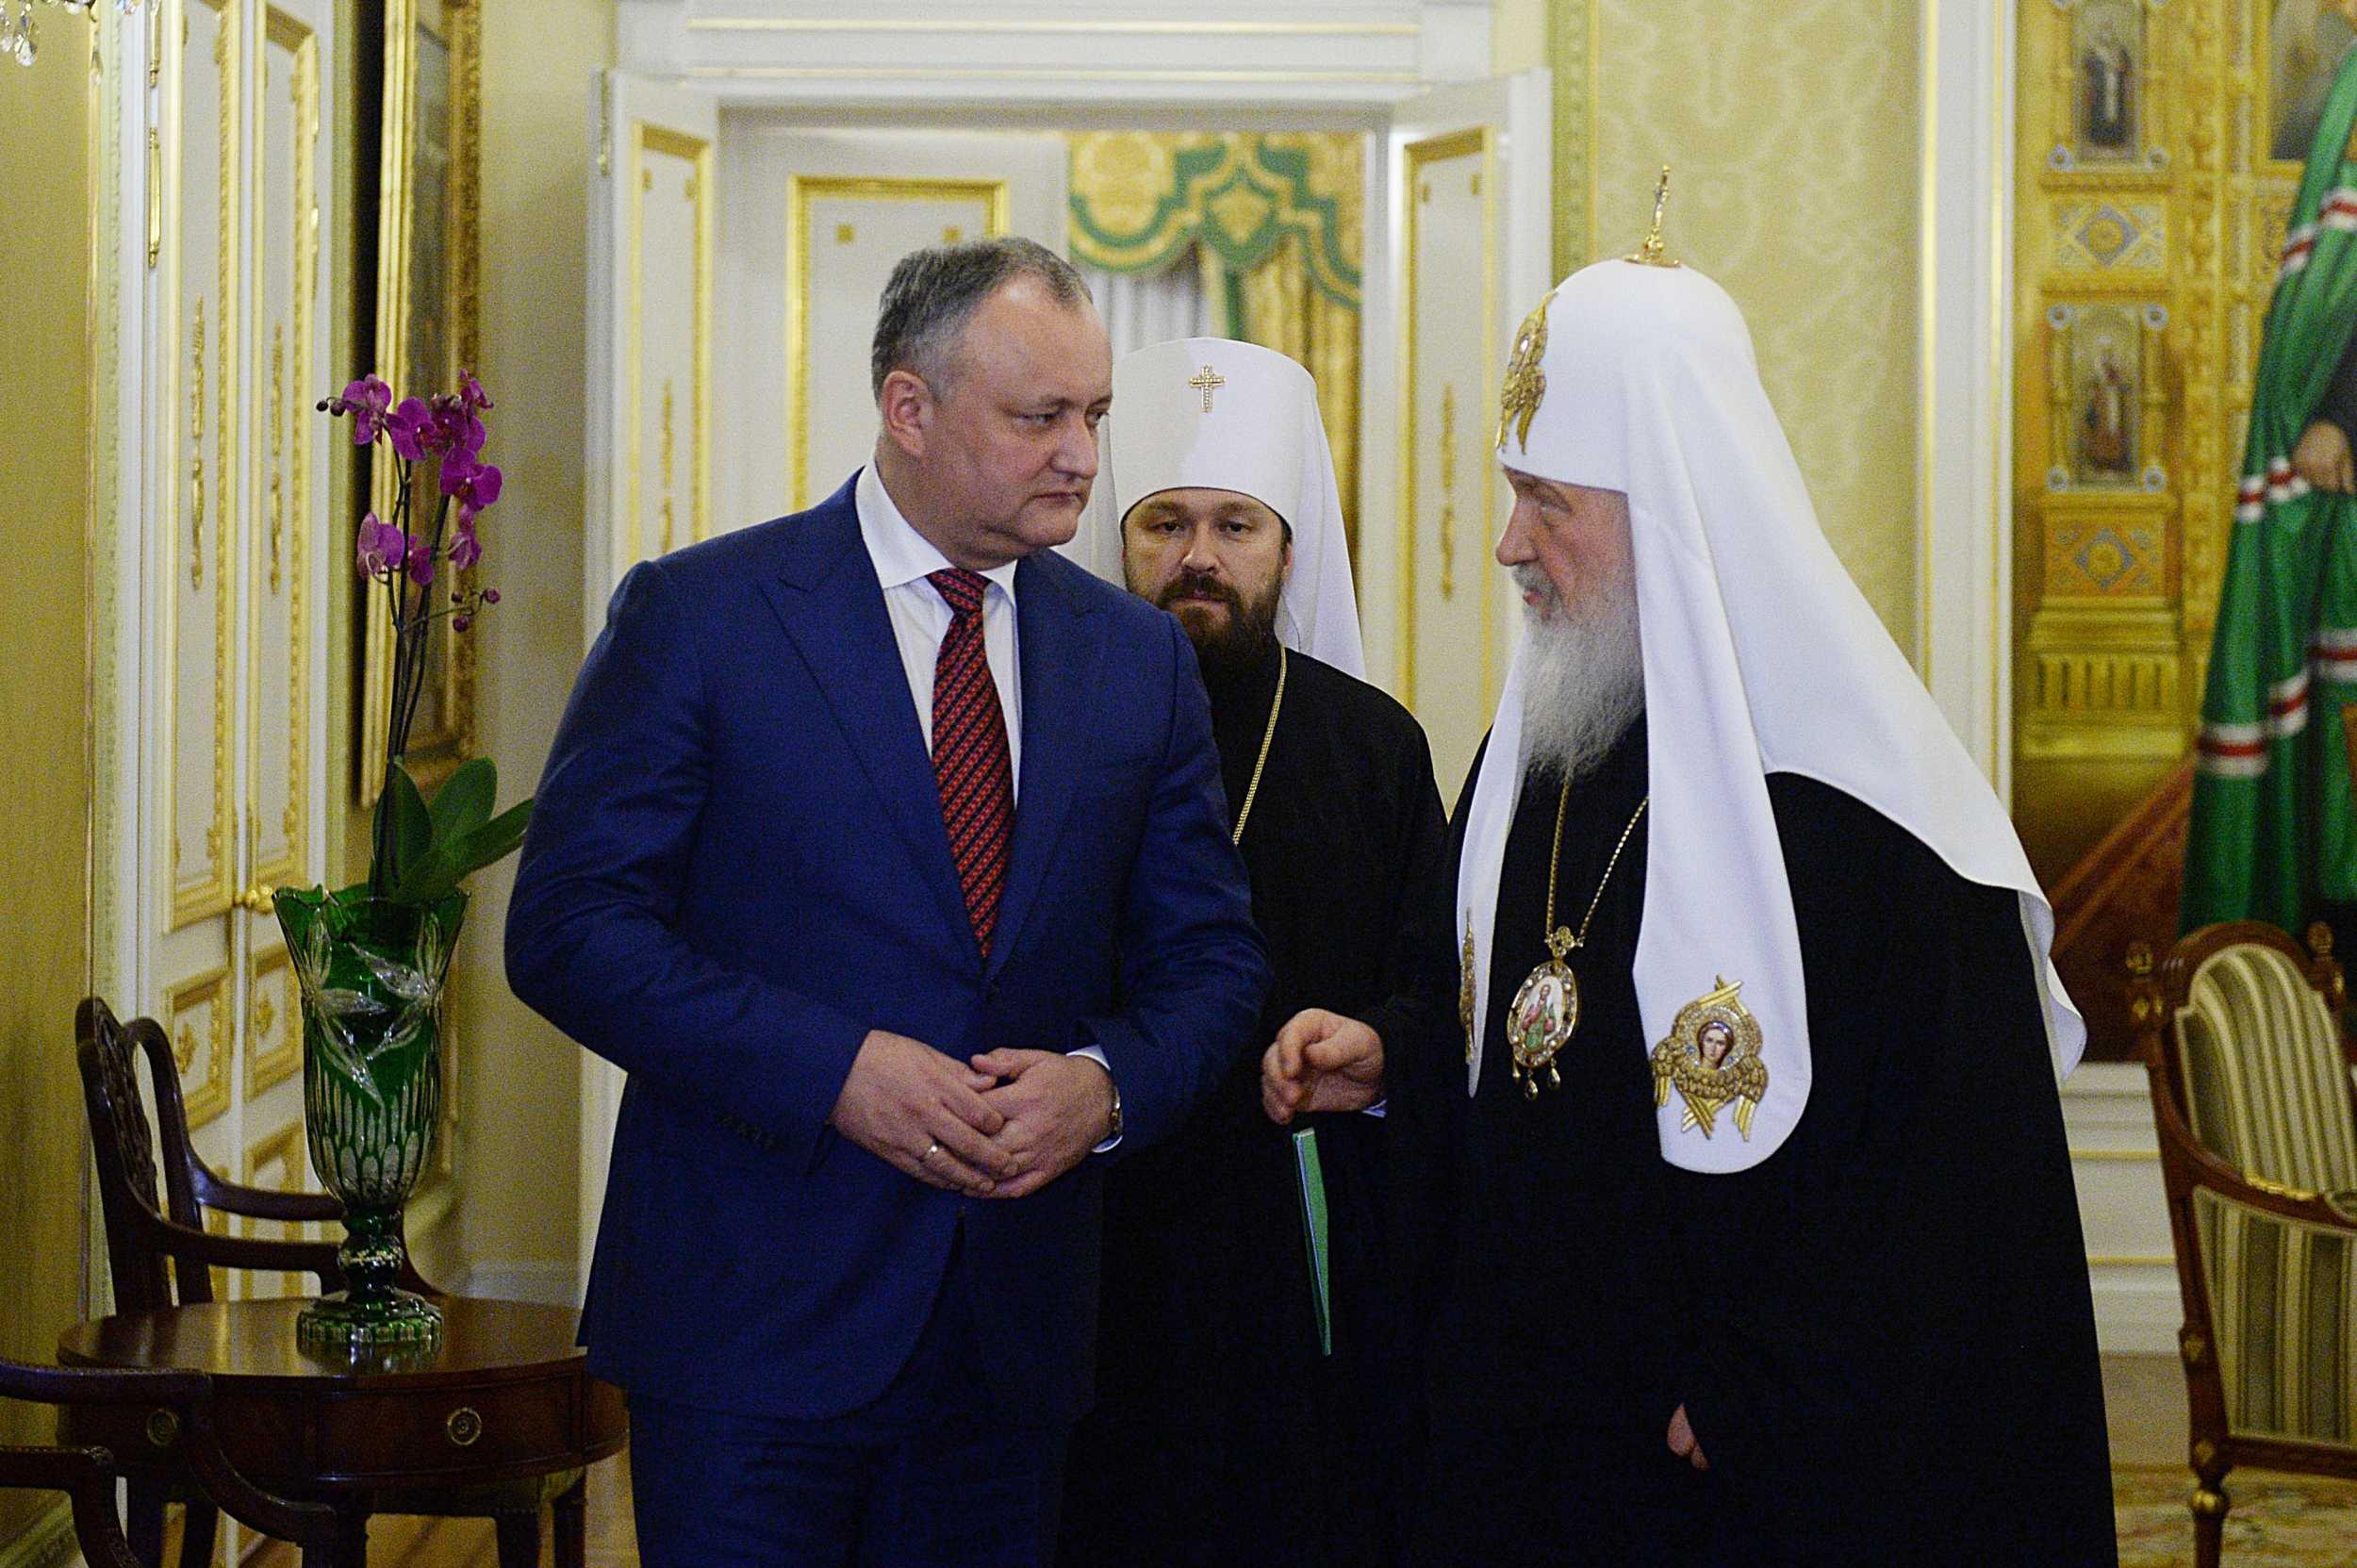 Додон назвал два сценария улучшения отношений между Молдовой иРоссией